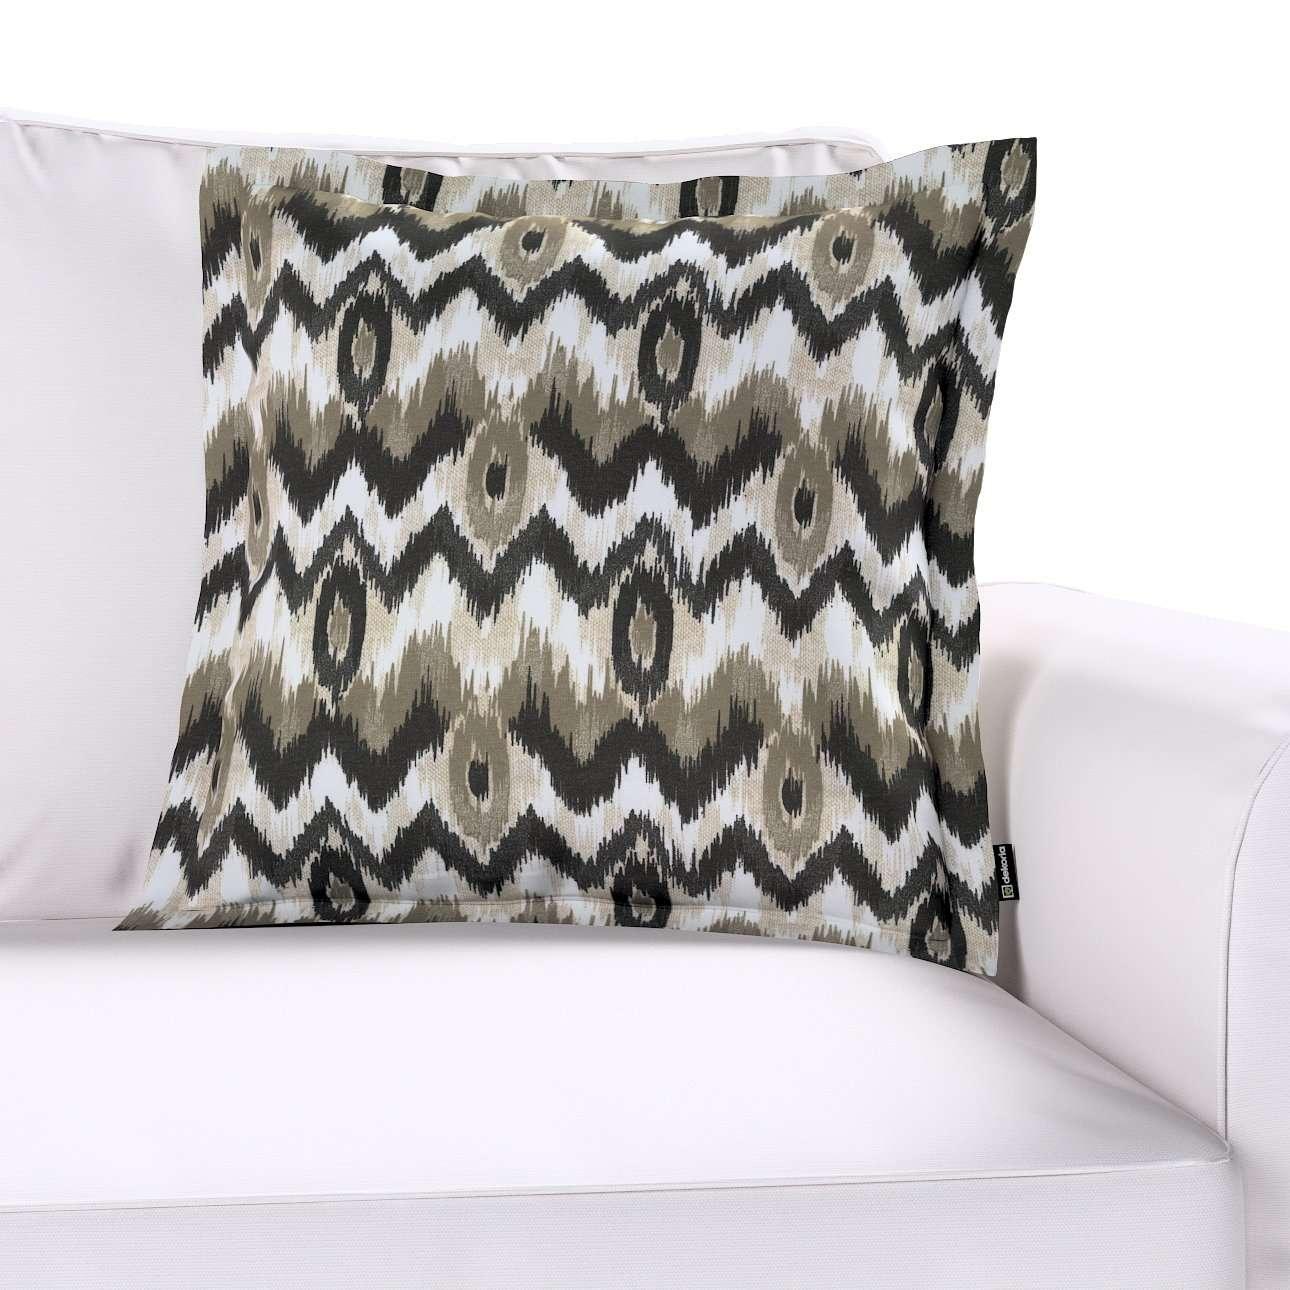 Poszewka Mona na poduszkę w kolekcji Modern, tkanina: 141-88